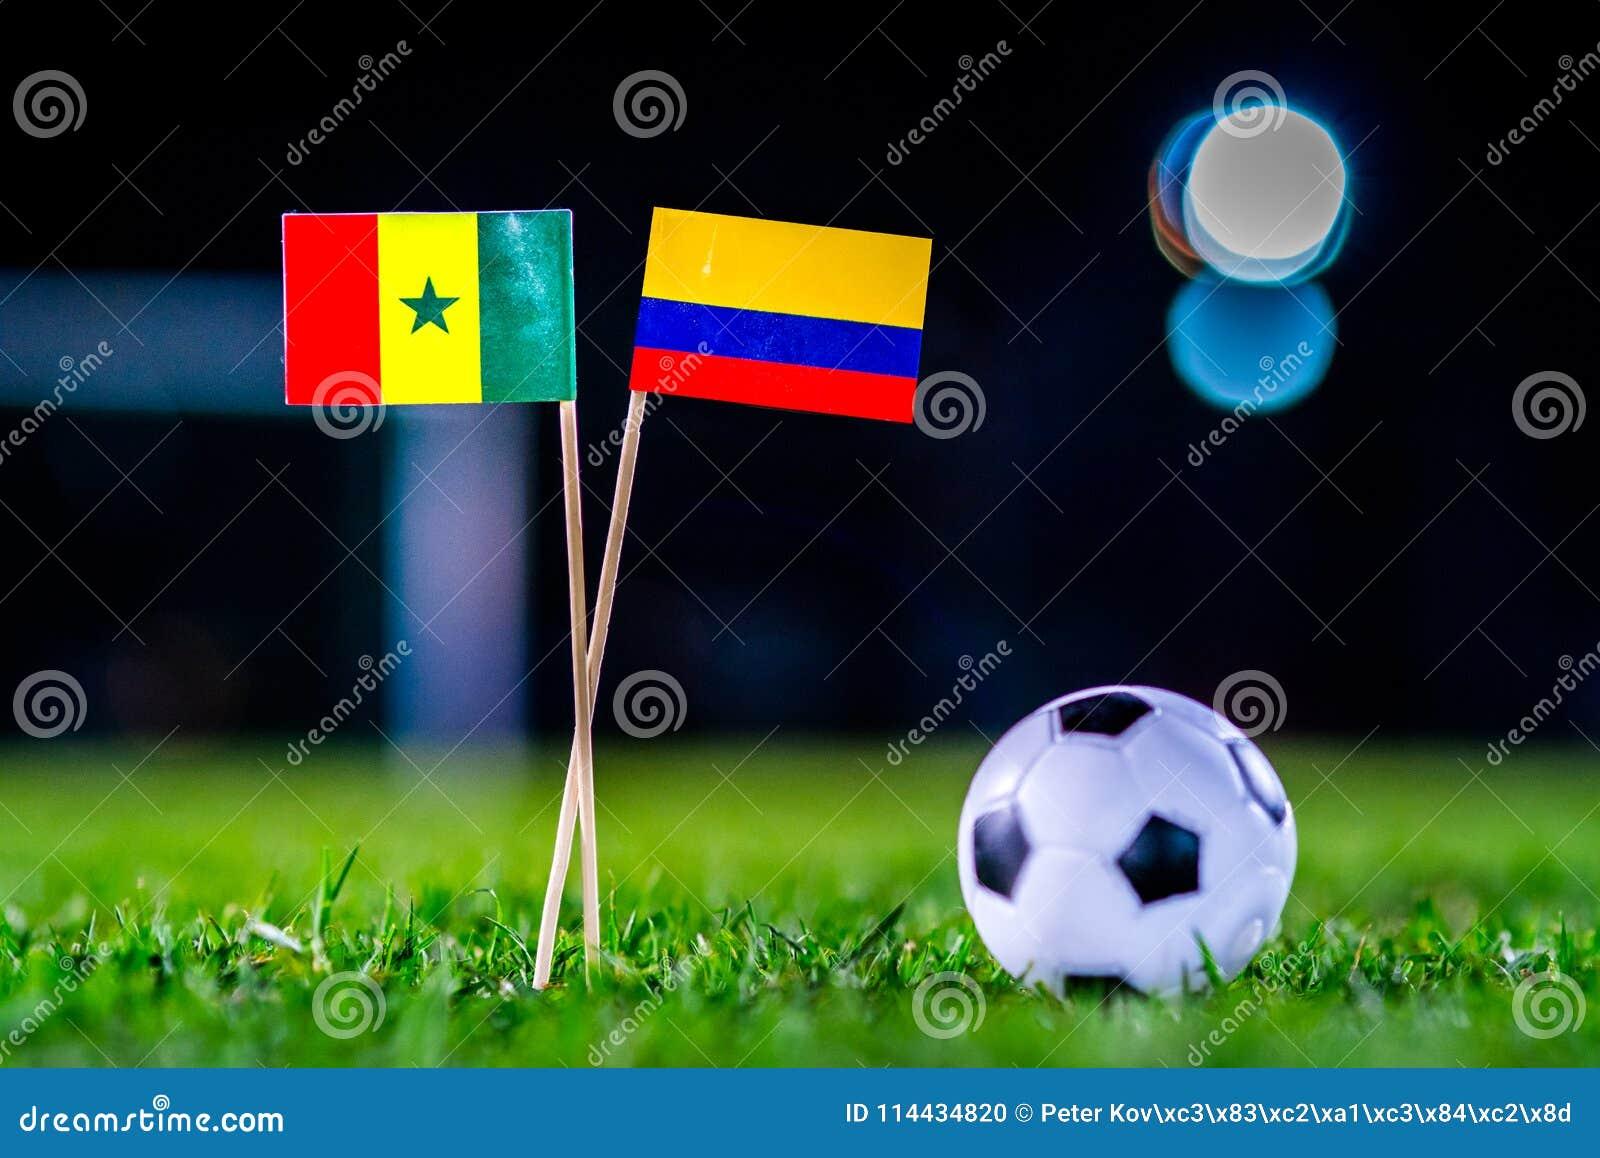 Σενεγάλη - Κολούμπια, ομάδα Χ, Πέμπτη, 28 Ποδόσφαιρο Ιουνίου, κόσμος